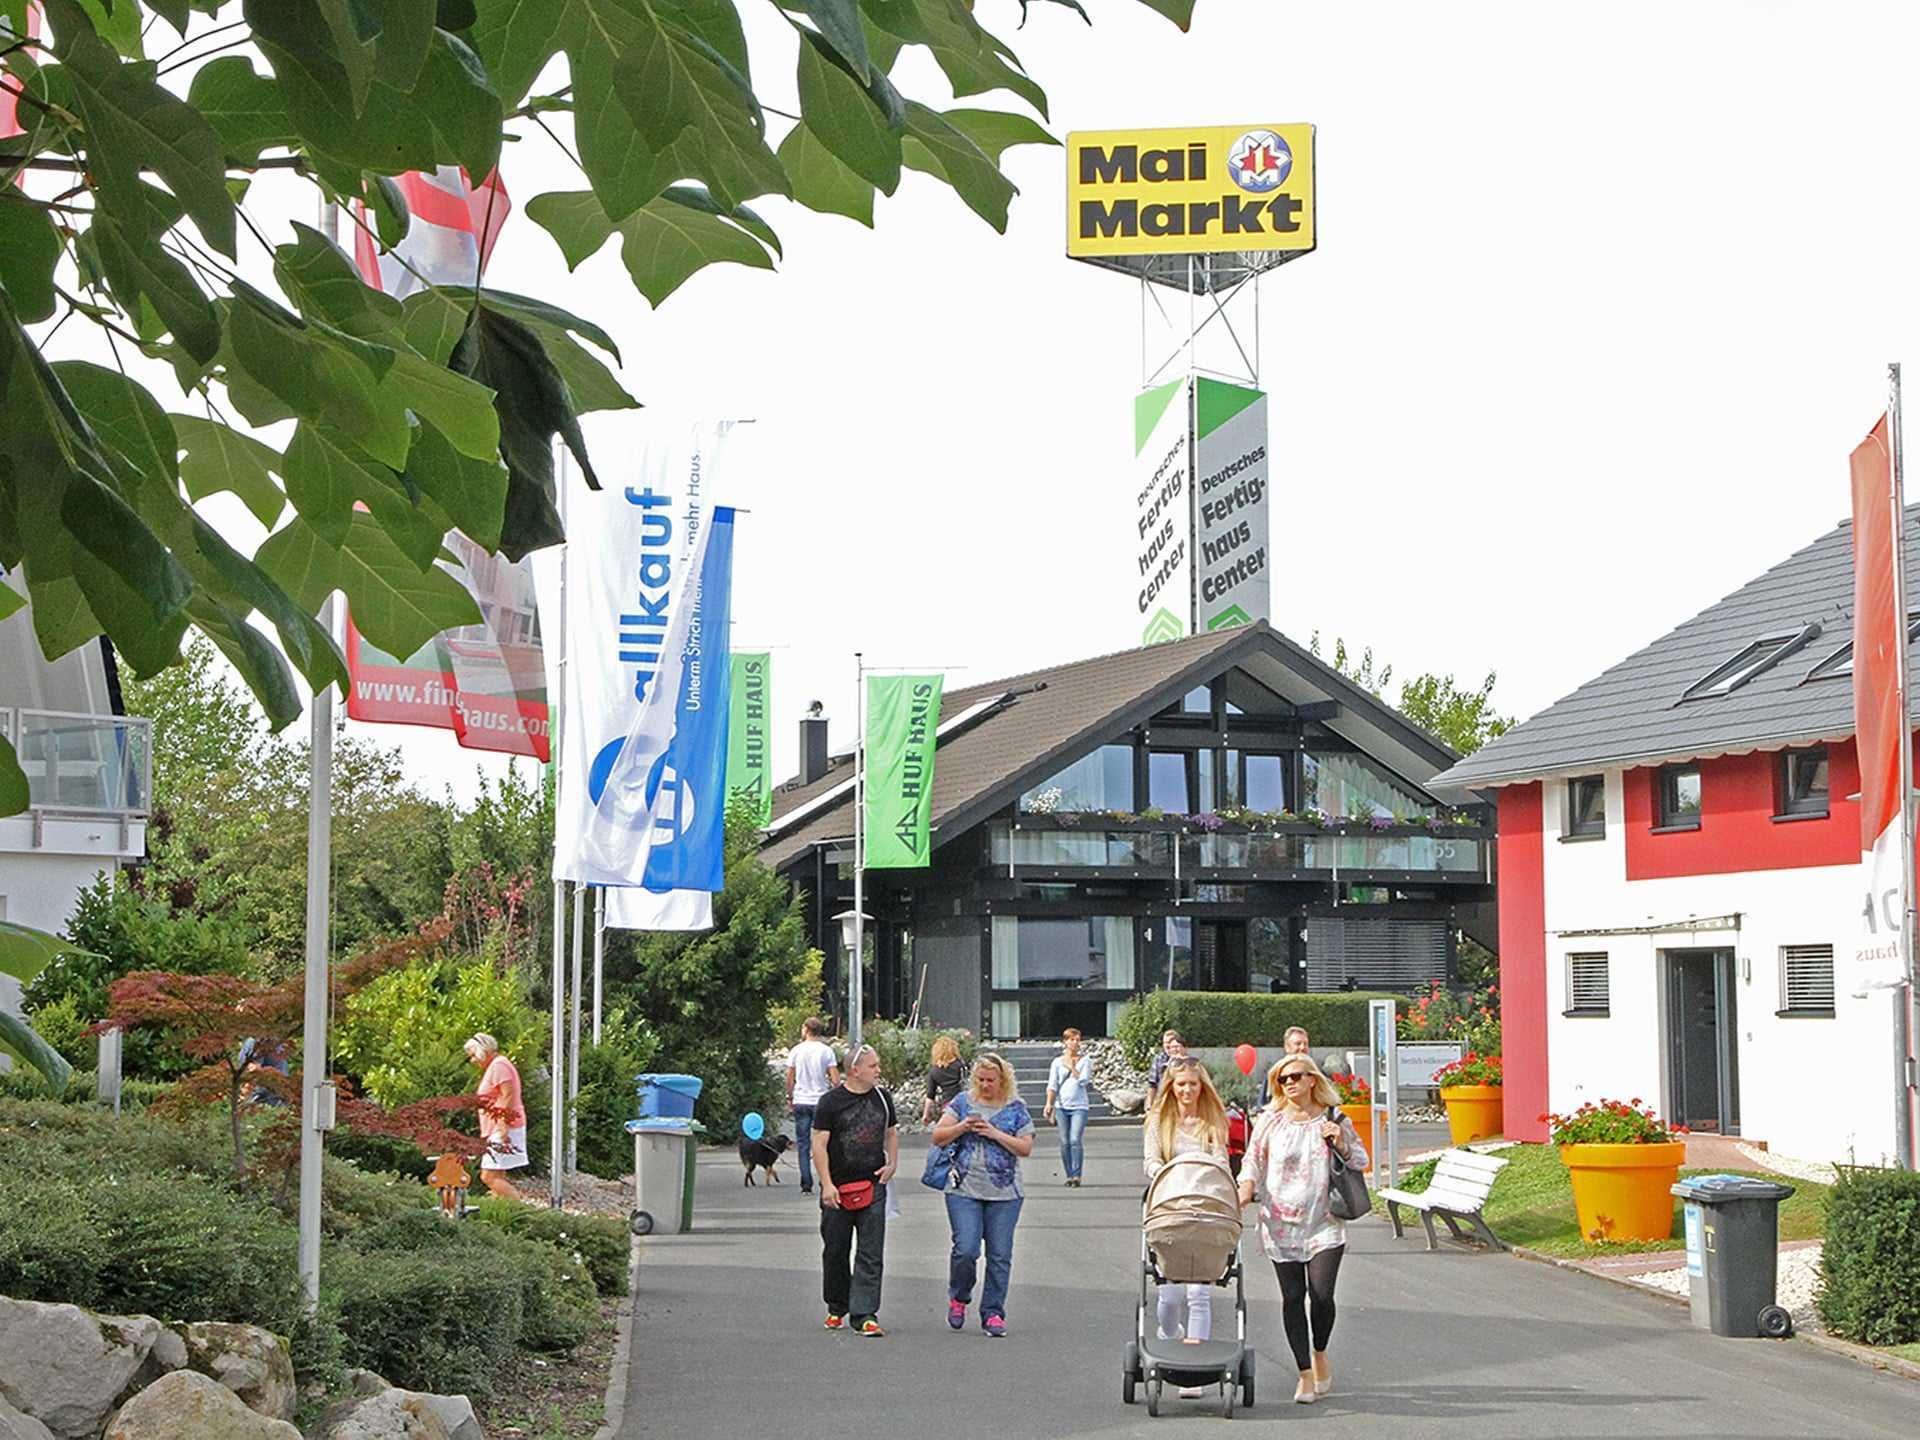 Baufirmen In Mannheim deutsches fertighaus center mannheim 2 jpg